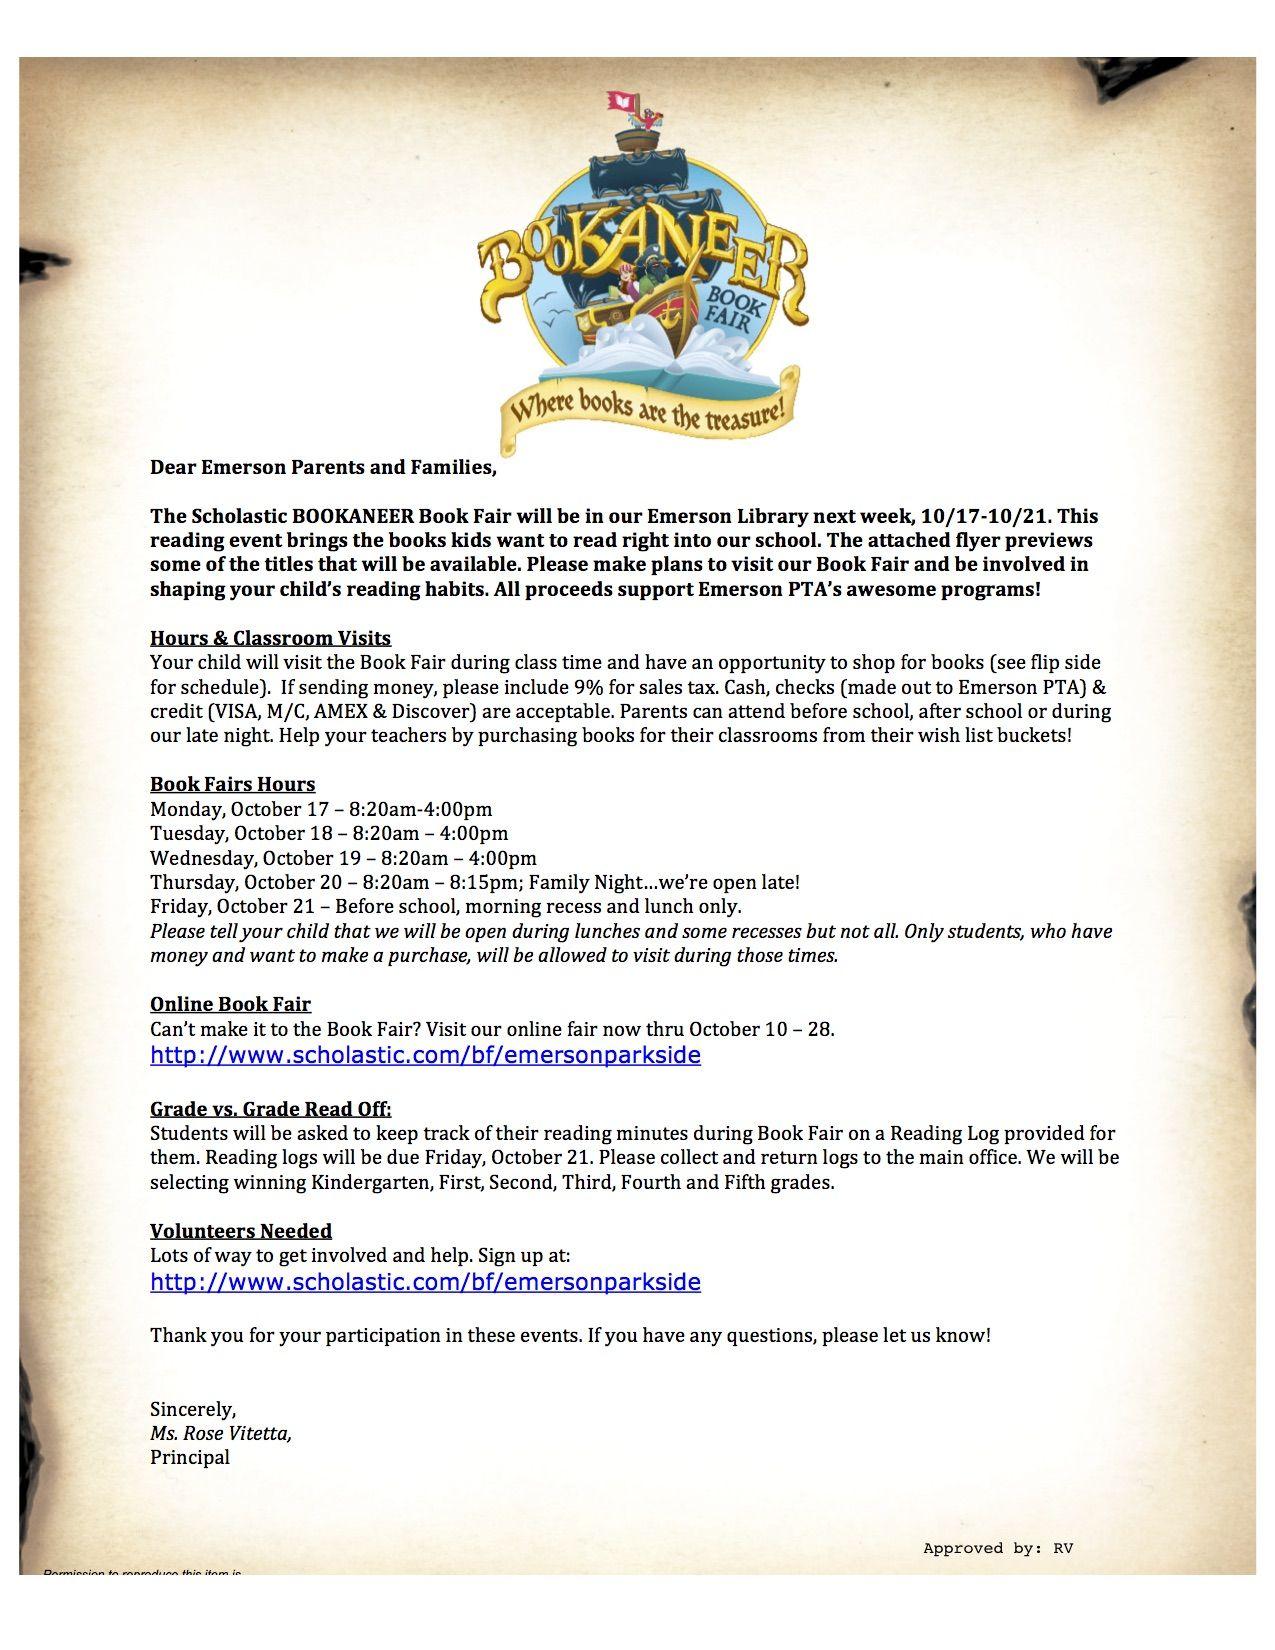 Scholastic Book Fair Emerson Parkside Academy Pta Parents Letter